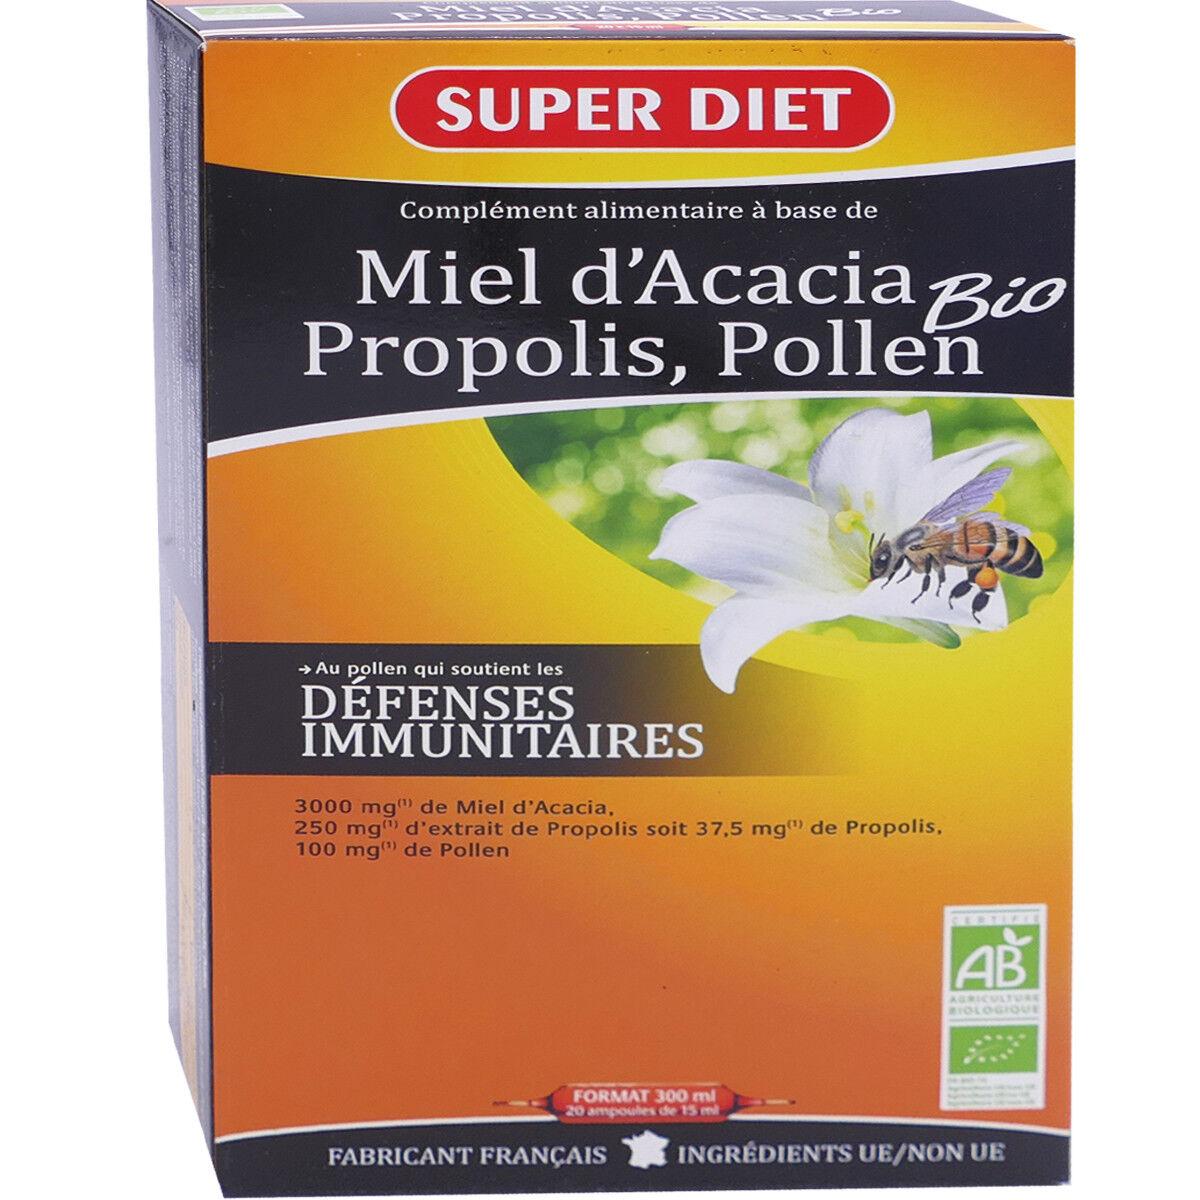 SUPER DIET Superdiet miel d'acacia propolis pollen bio 20 ampoules de 15 ml